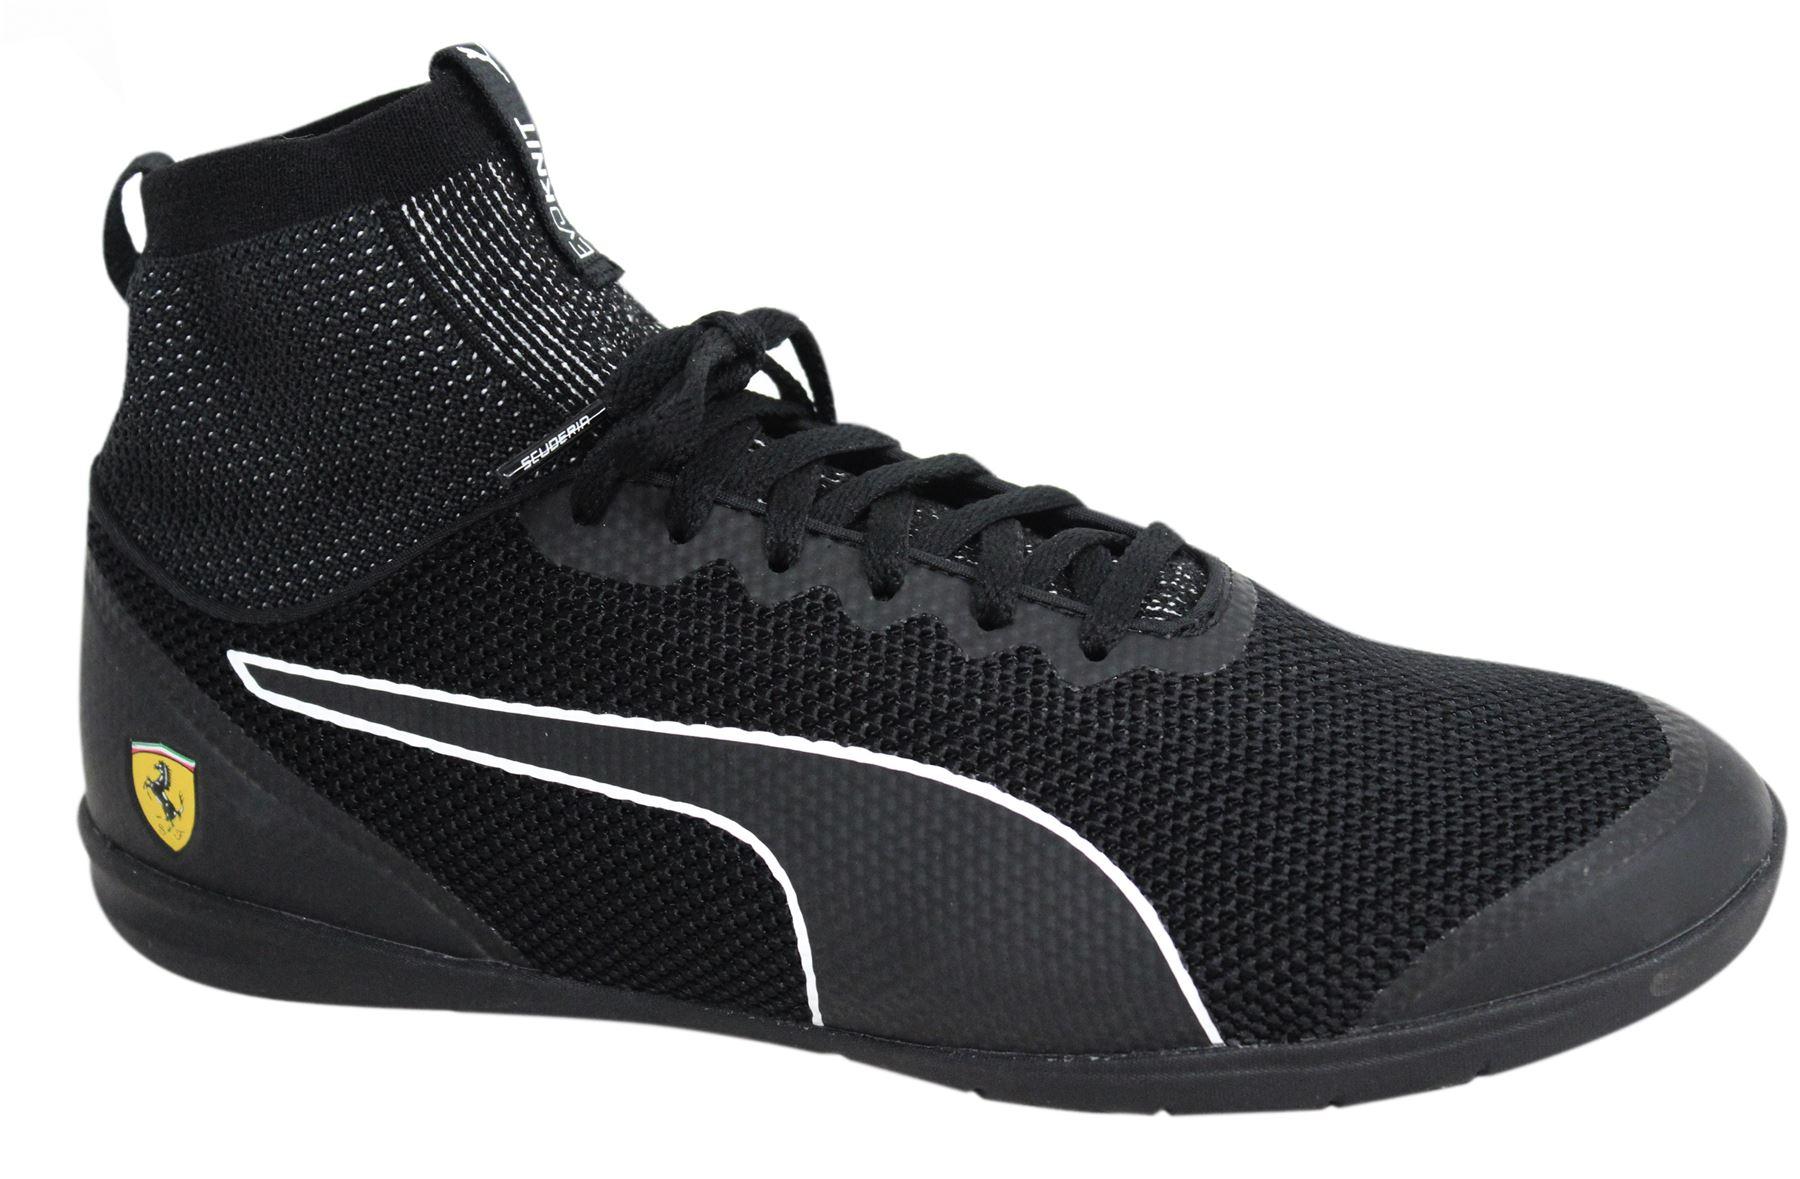 PUMA SF changer Ignite evoknit Ferrari Scarpe Sneaker BLACK WHITE 305919 02